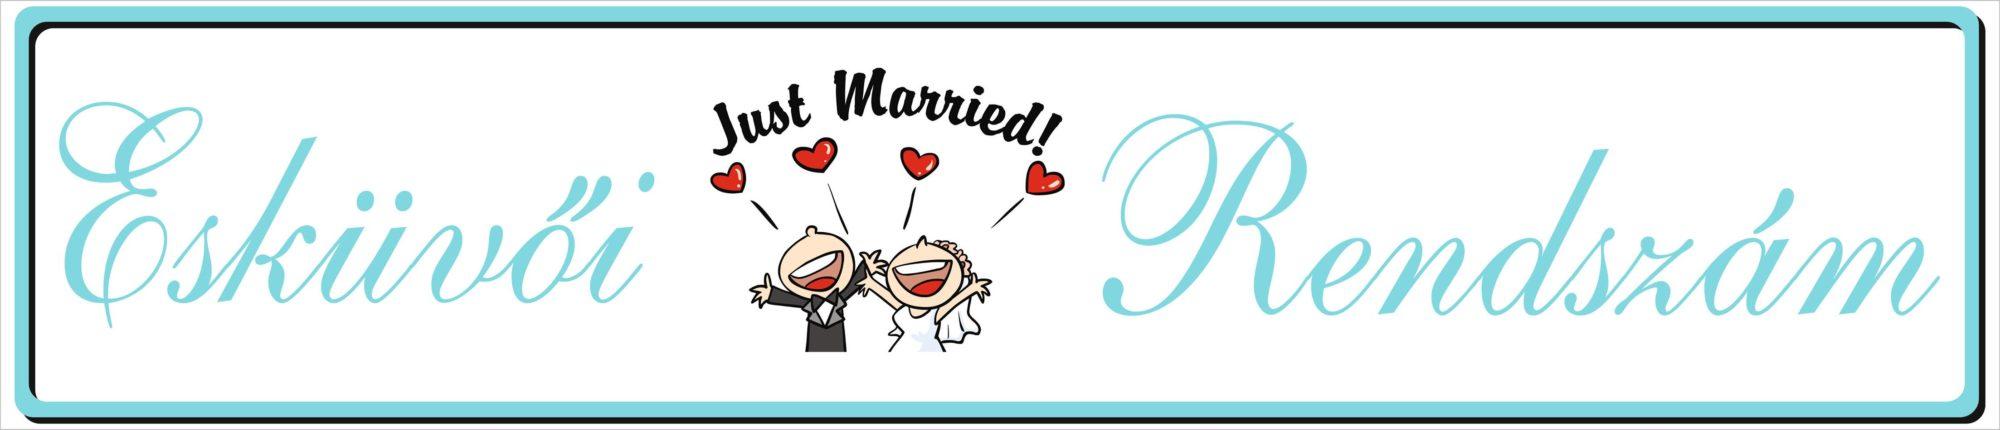 Esküvői rendszám